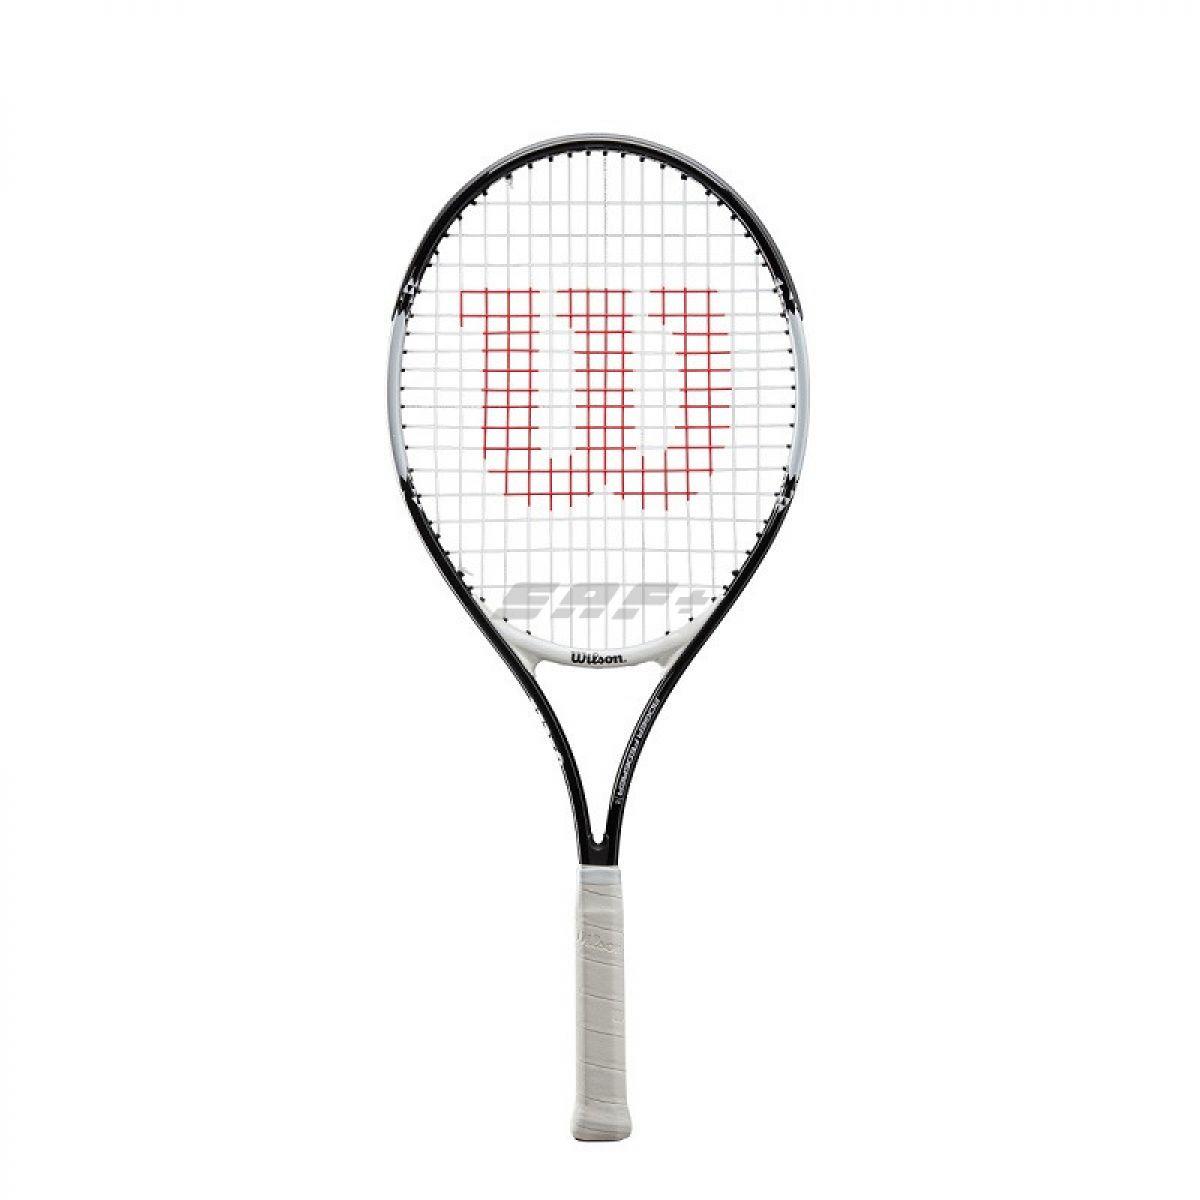 Ракетка теннисная Ракетка б/т Wilson Roger Federer 26 Gr0,арт.WR028210U, для детей 11лет, алюм.,со струн,черно-белый